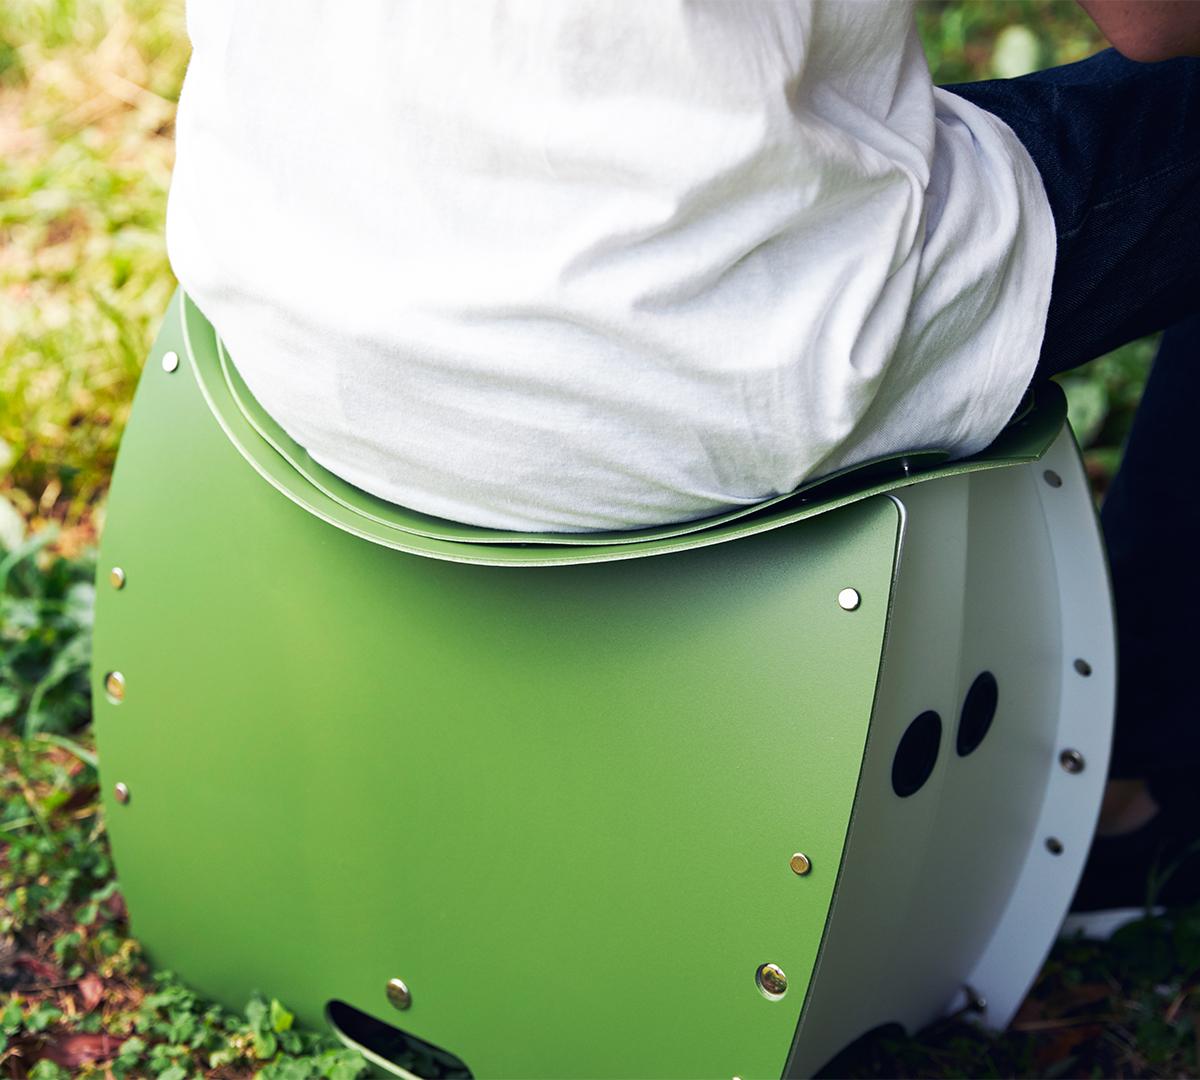 お尻のカタチにフィットするよう、湾曲した広い座面の形状だから、座った時の安定感はバツグン!座面を外せば、ゴミ箱・防災トイレが出現する「折りたたみイス」|PATATTO PATATTO 350+